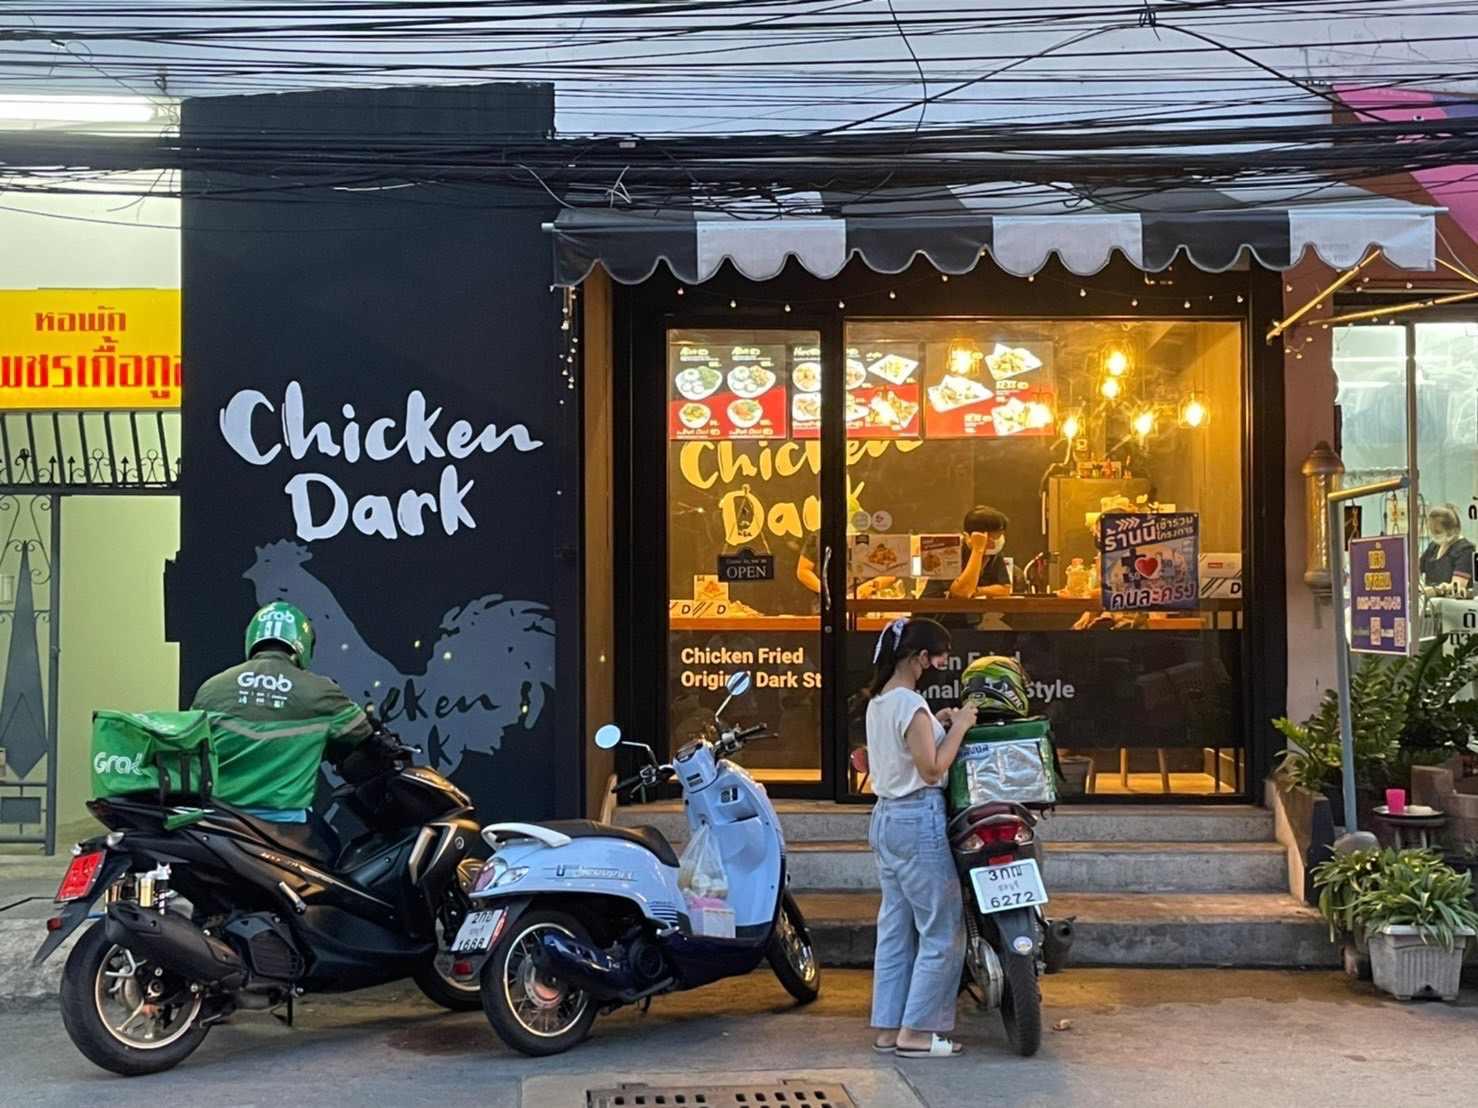 ‼️เซ้งด่วน ‼️ ร้านไก่ทอดเกาหลี Chicken Dark สาขาบ้านสวน ติดถนนใหญ่